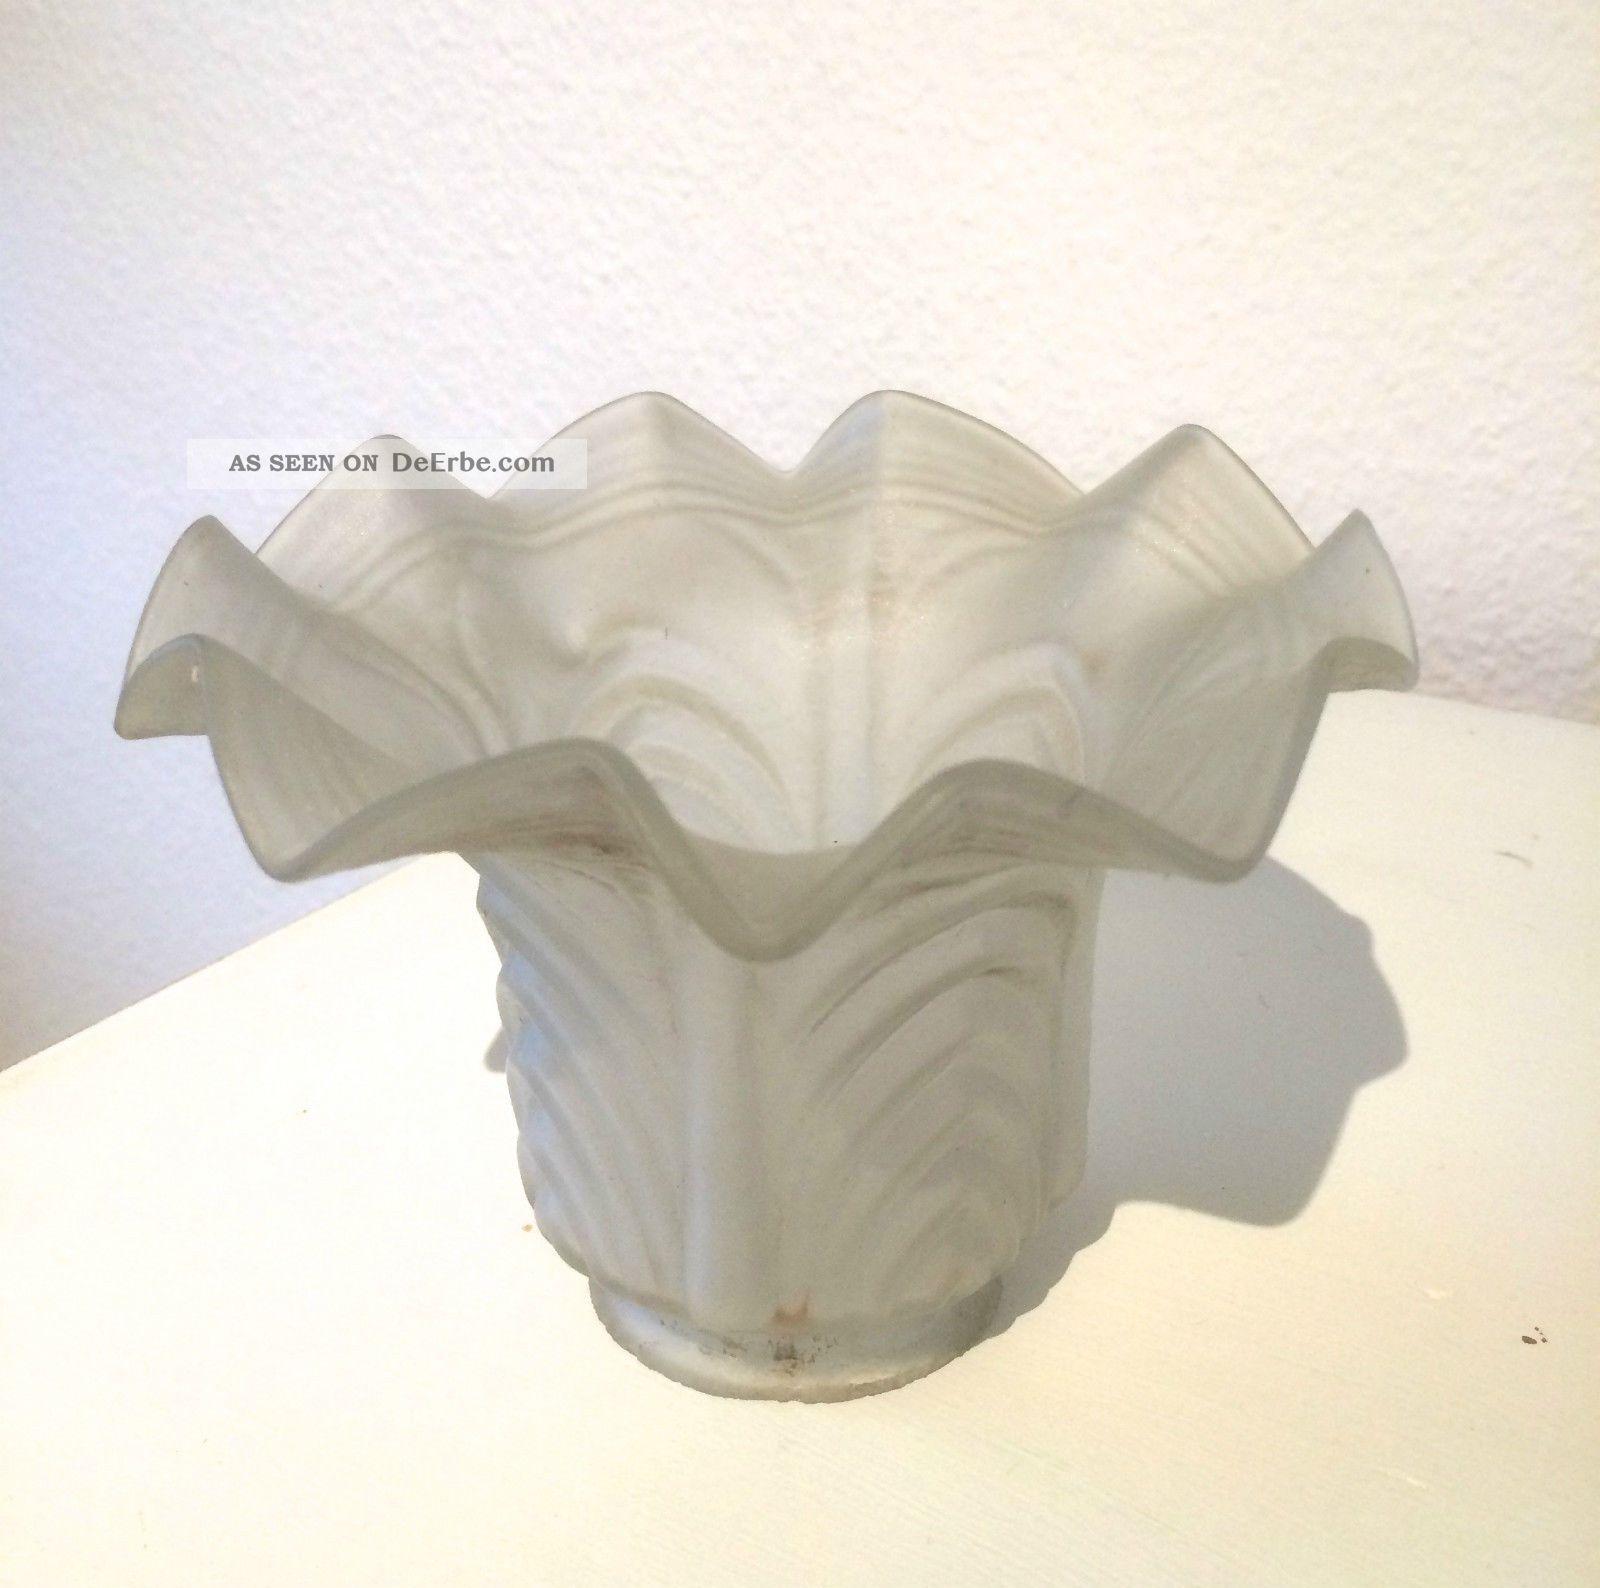 Satiniertes glas lampenschirm blütenform jugendstil